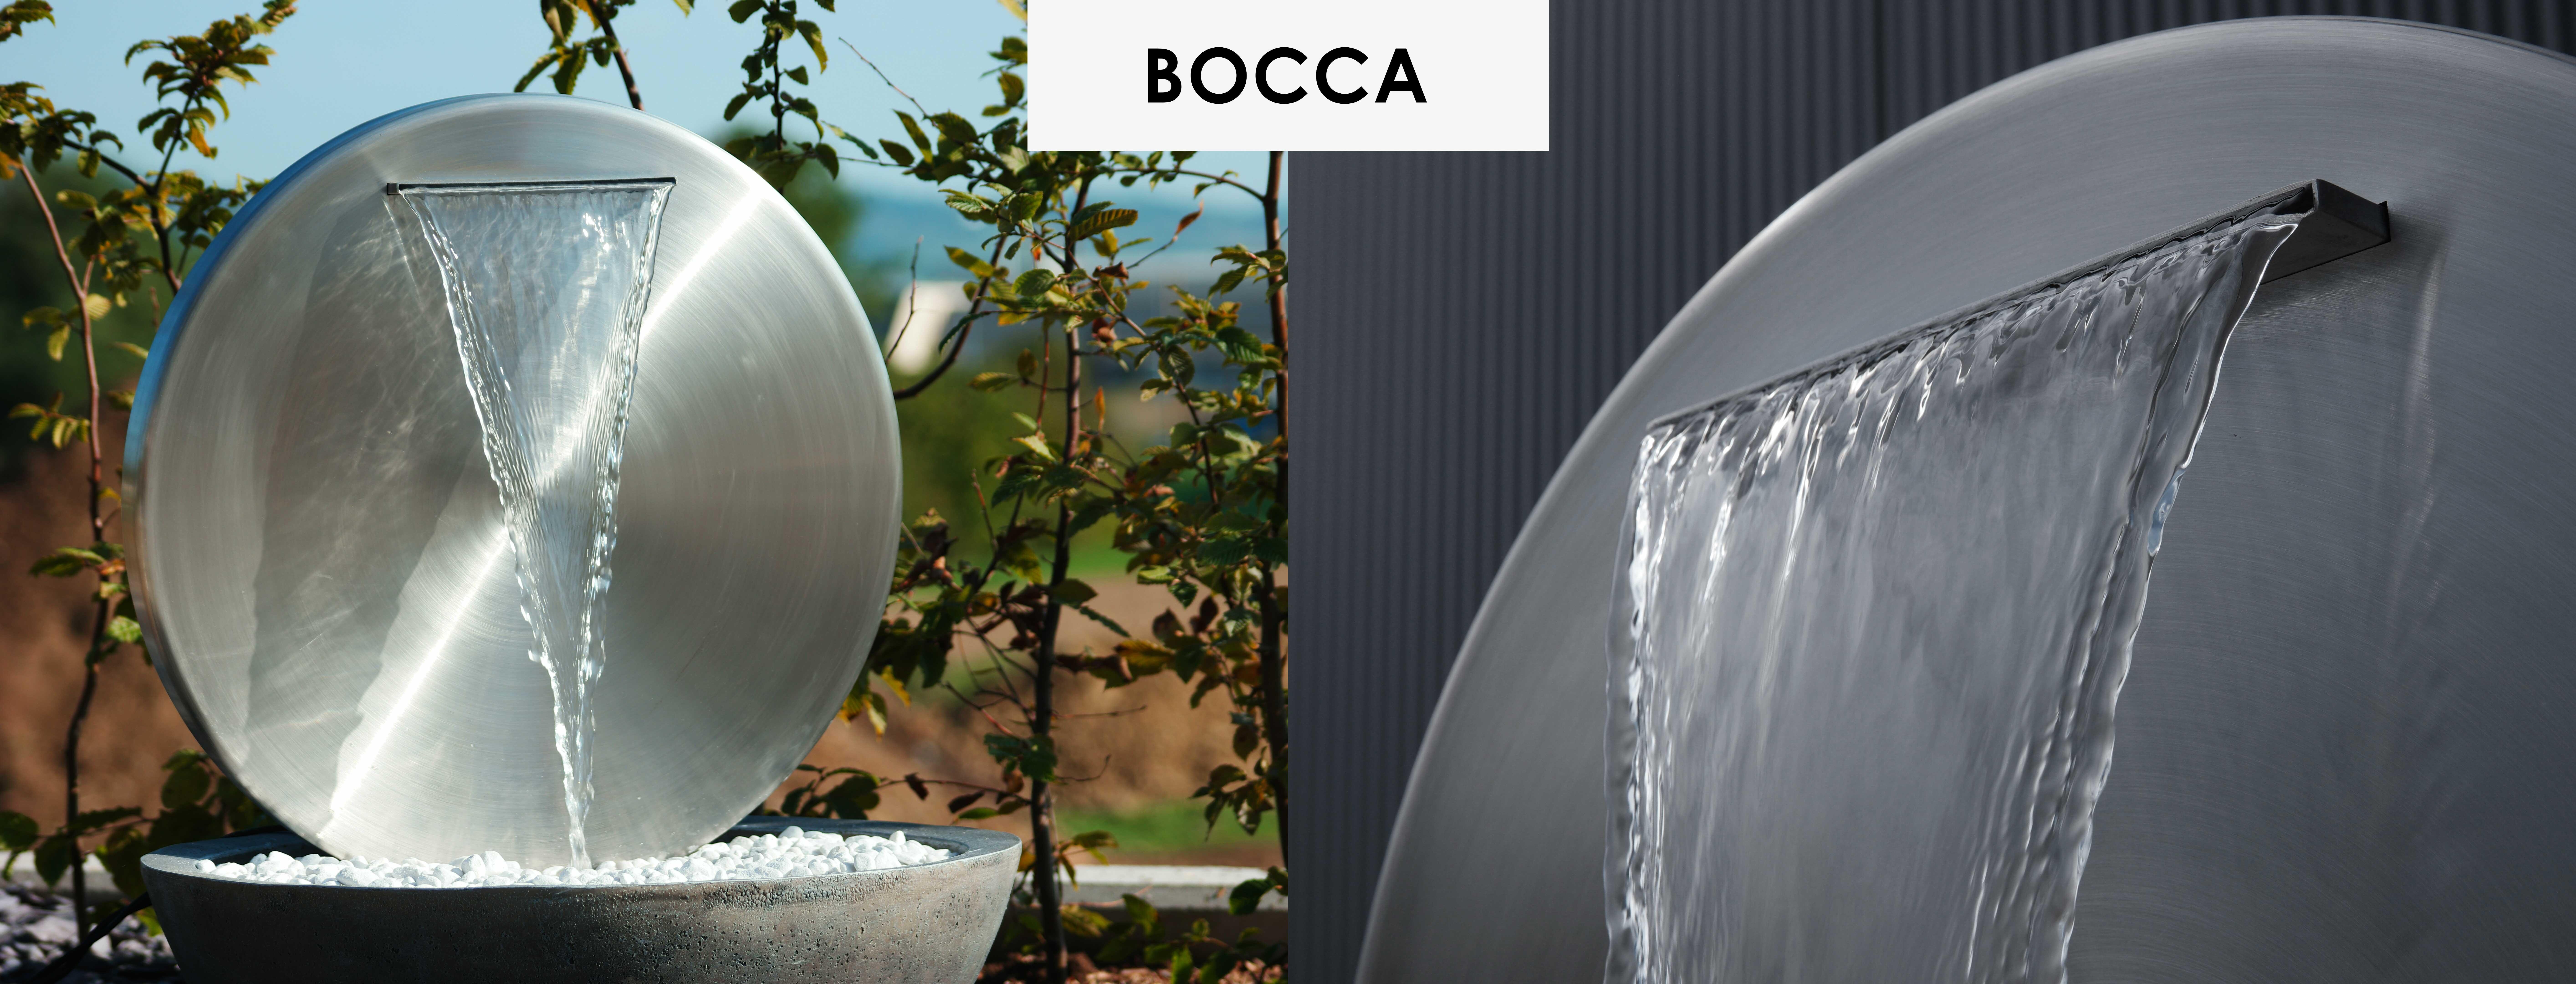 Der Gartenbrunnen BOCCA Bietet Ihnen Exklusiven Style Für Ihren Garten.  Einzigartiges Design Vollendet Ihre Neue Gartengestaltung. Der  Wasserbrunnen Ist Für ...